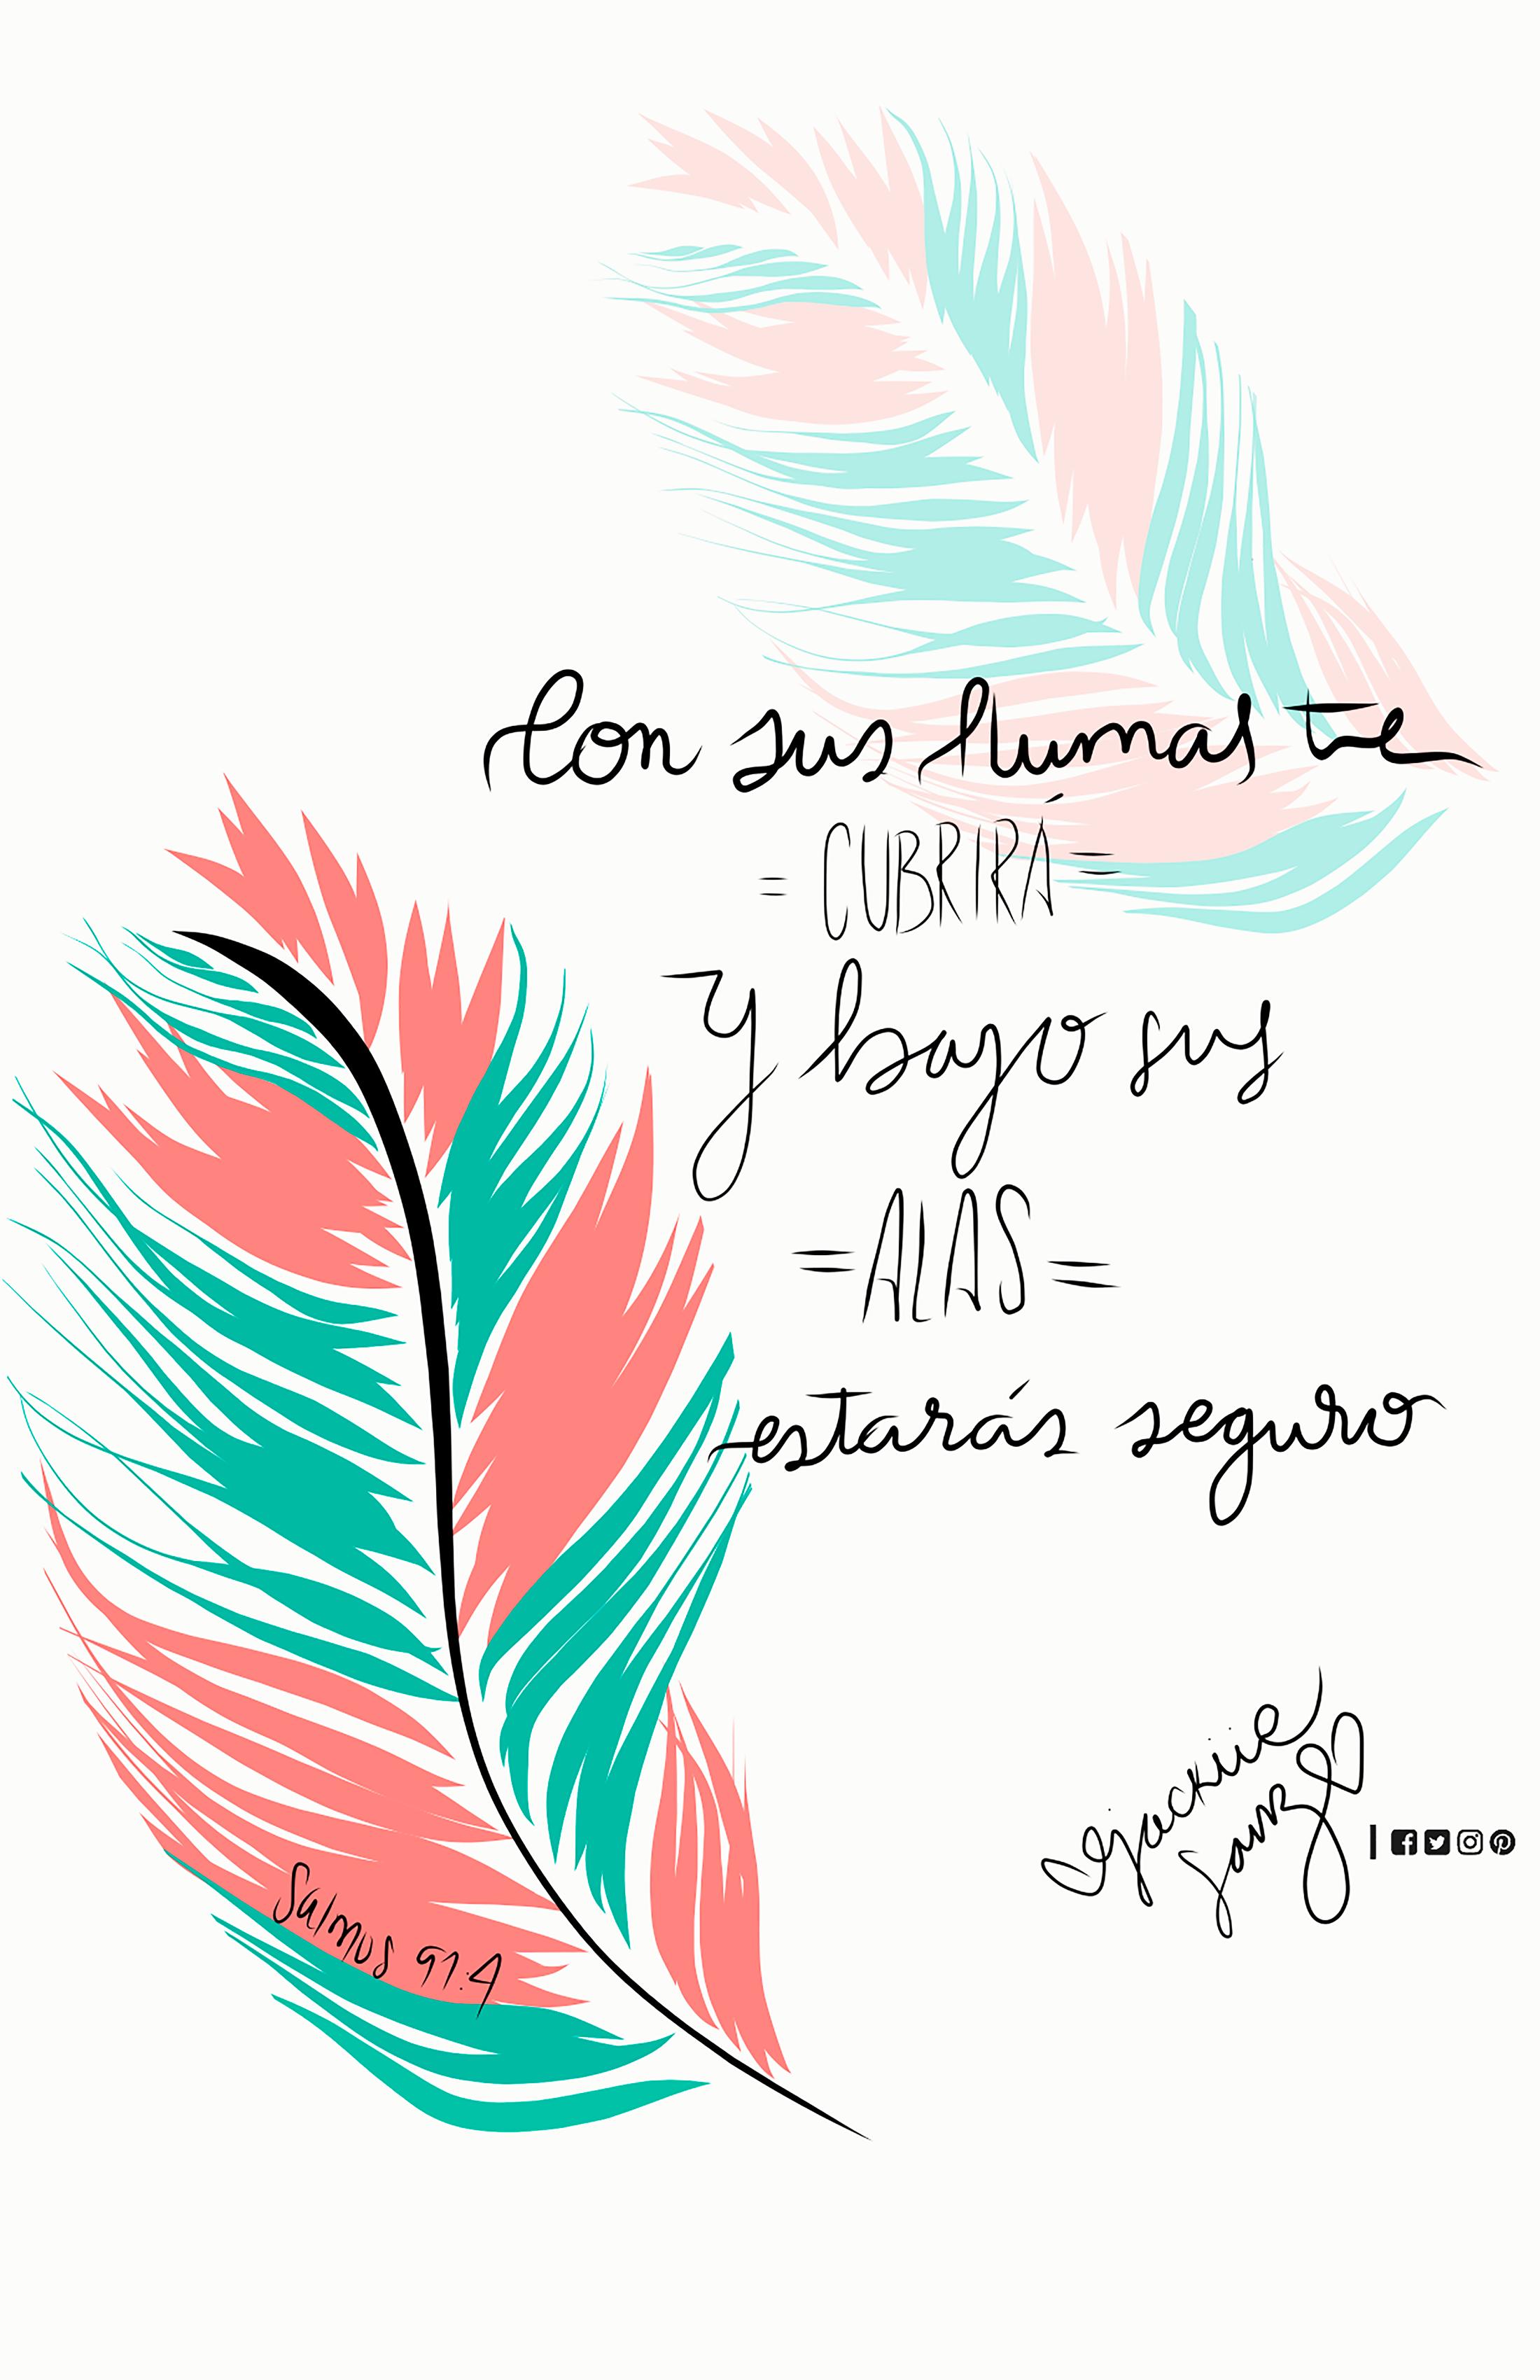 Salmos 91:4 con sus plumas te cubrirá | Fondos | Pinterest | Salmo ...